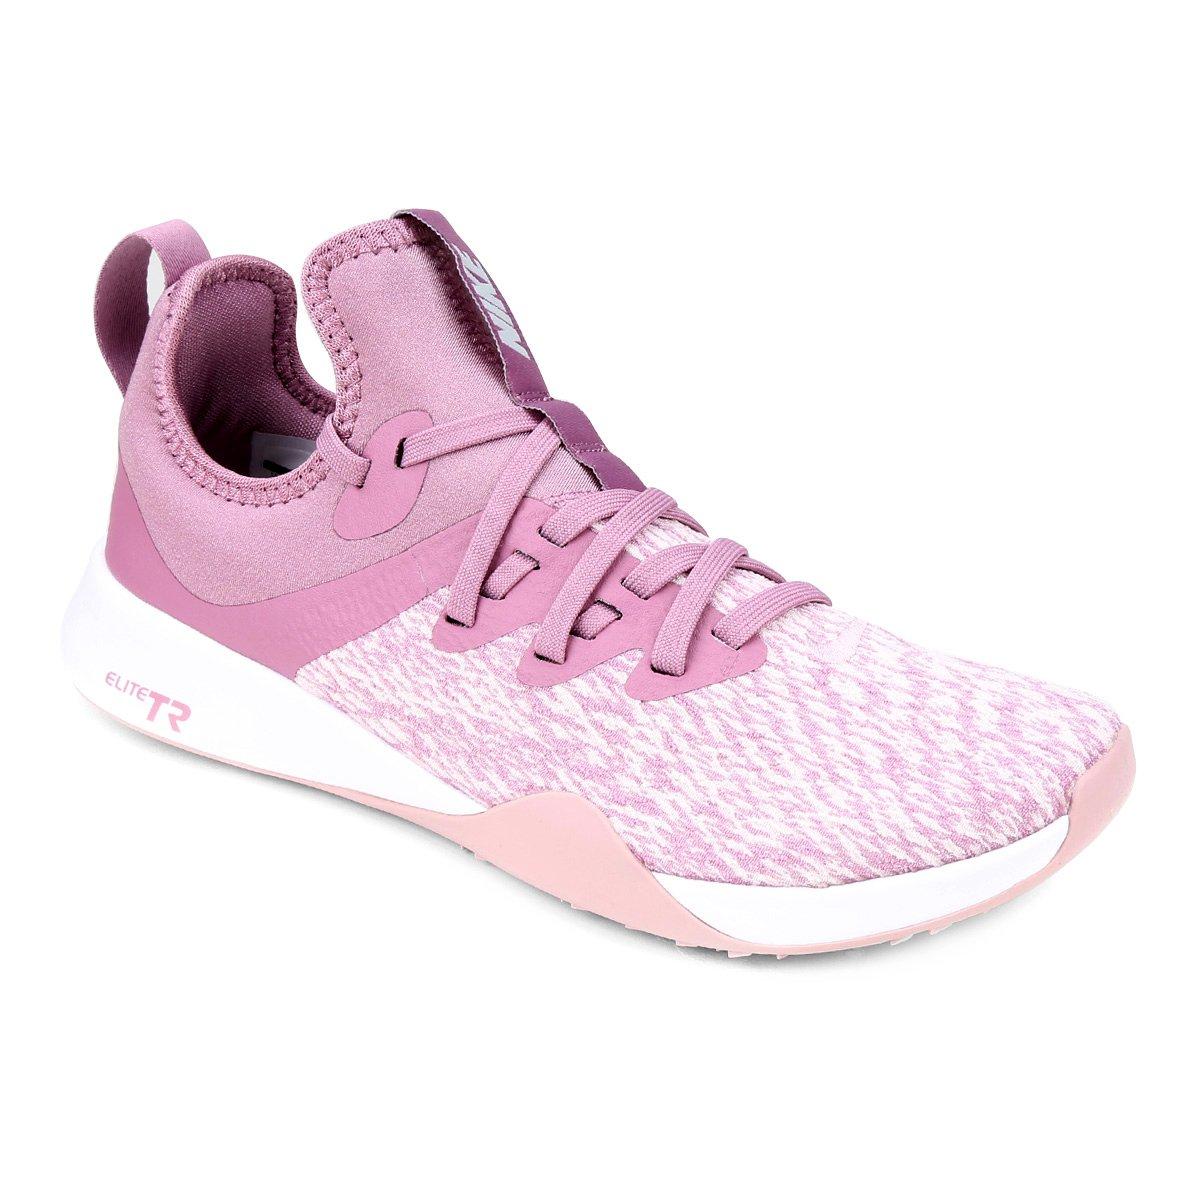 9d7685b3887 Tênis Nike Foundation Elite Tr Feminino - Rosa Claro - Compre Agora ...